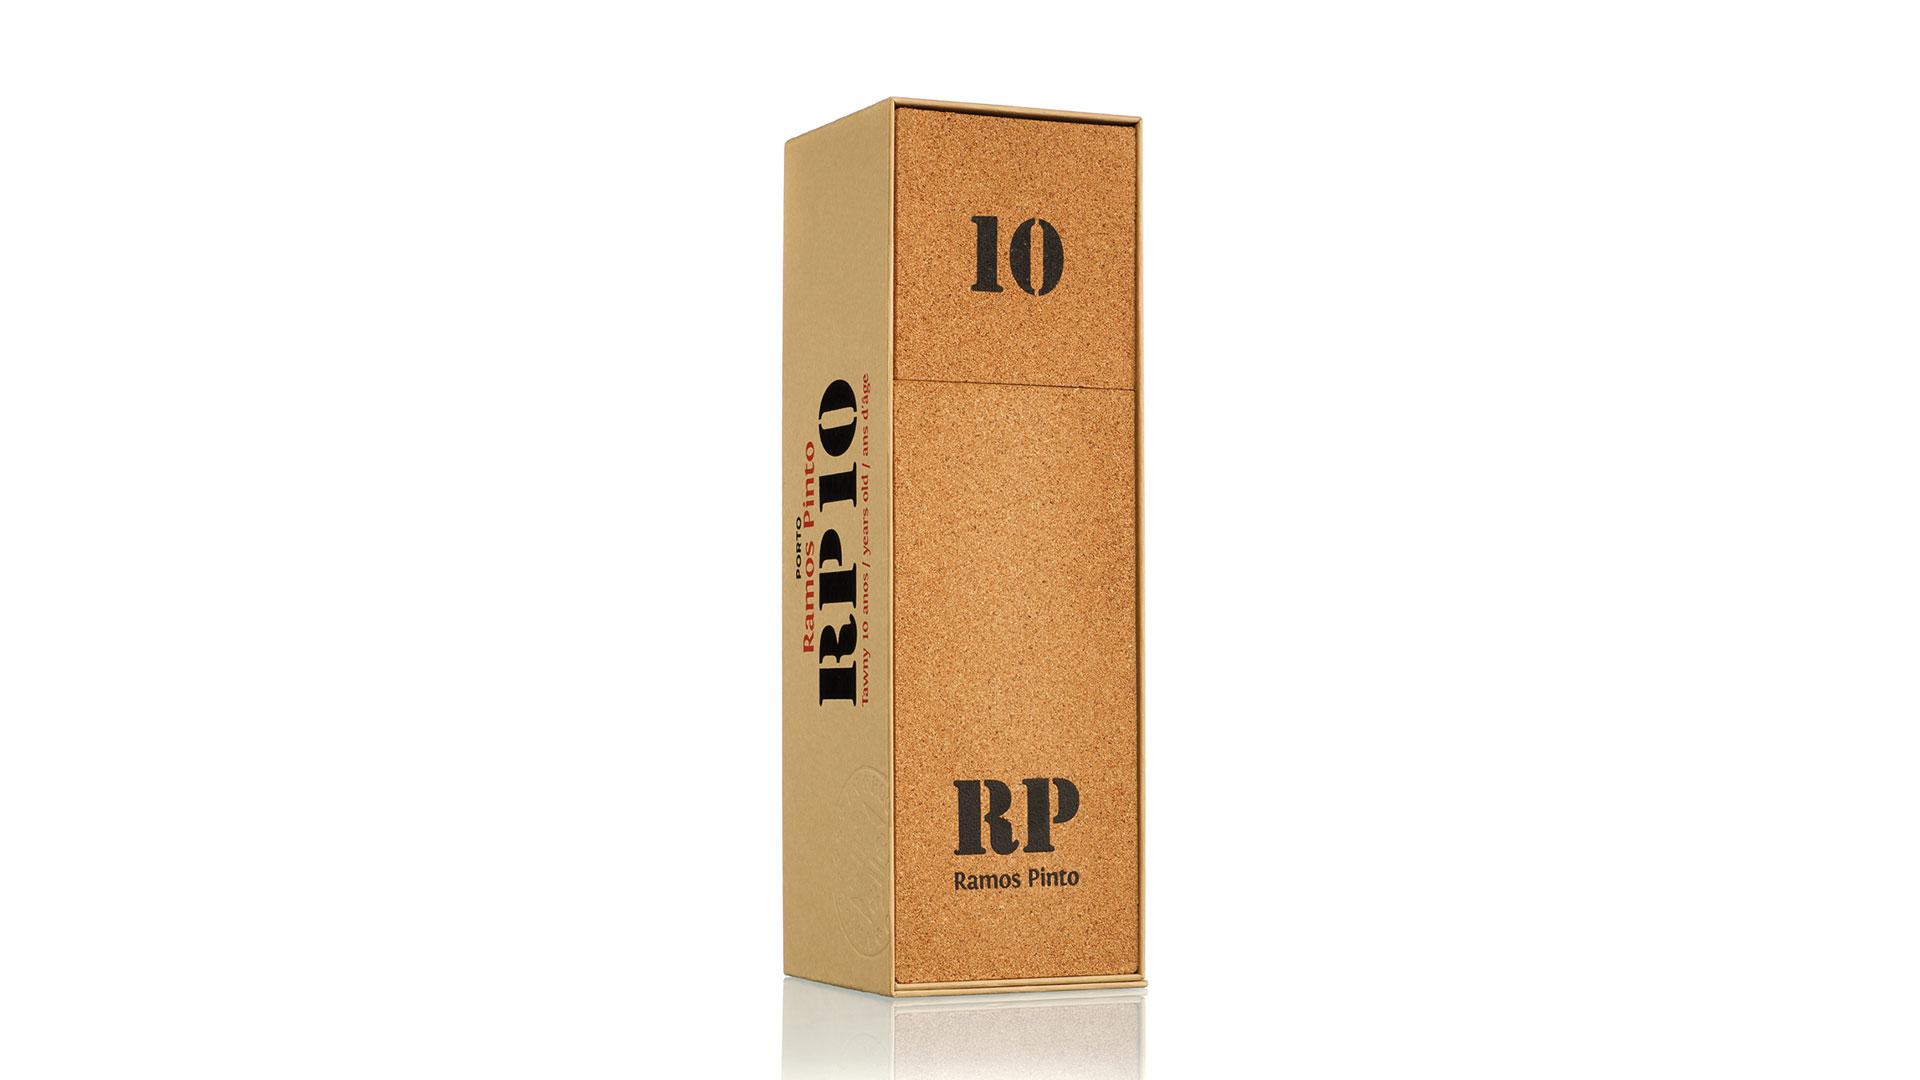 960-packaging-rp10-1